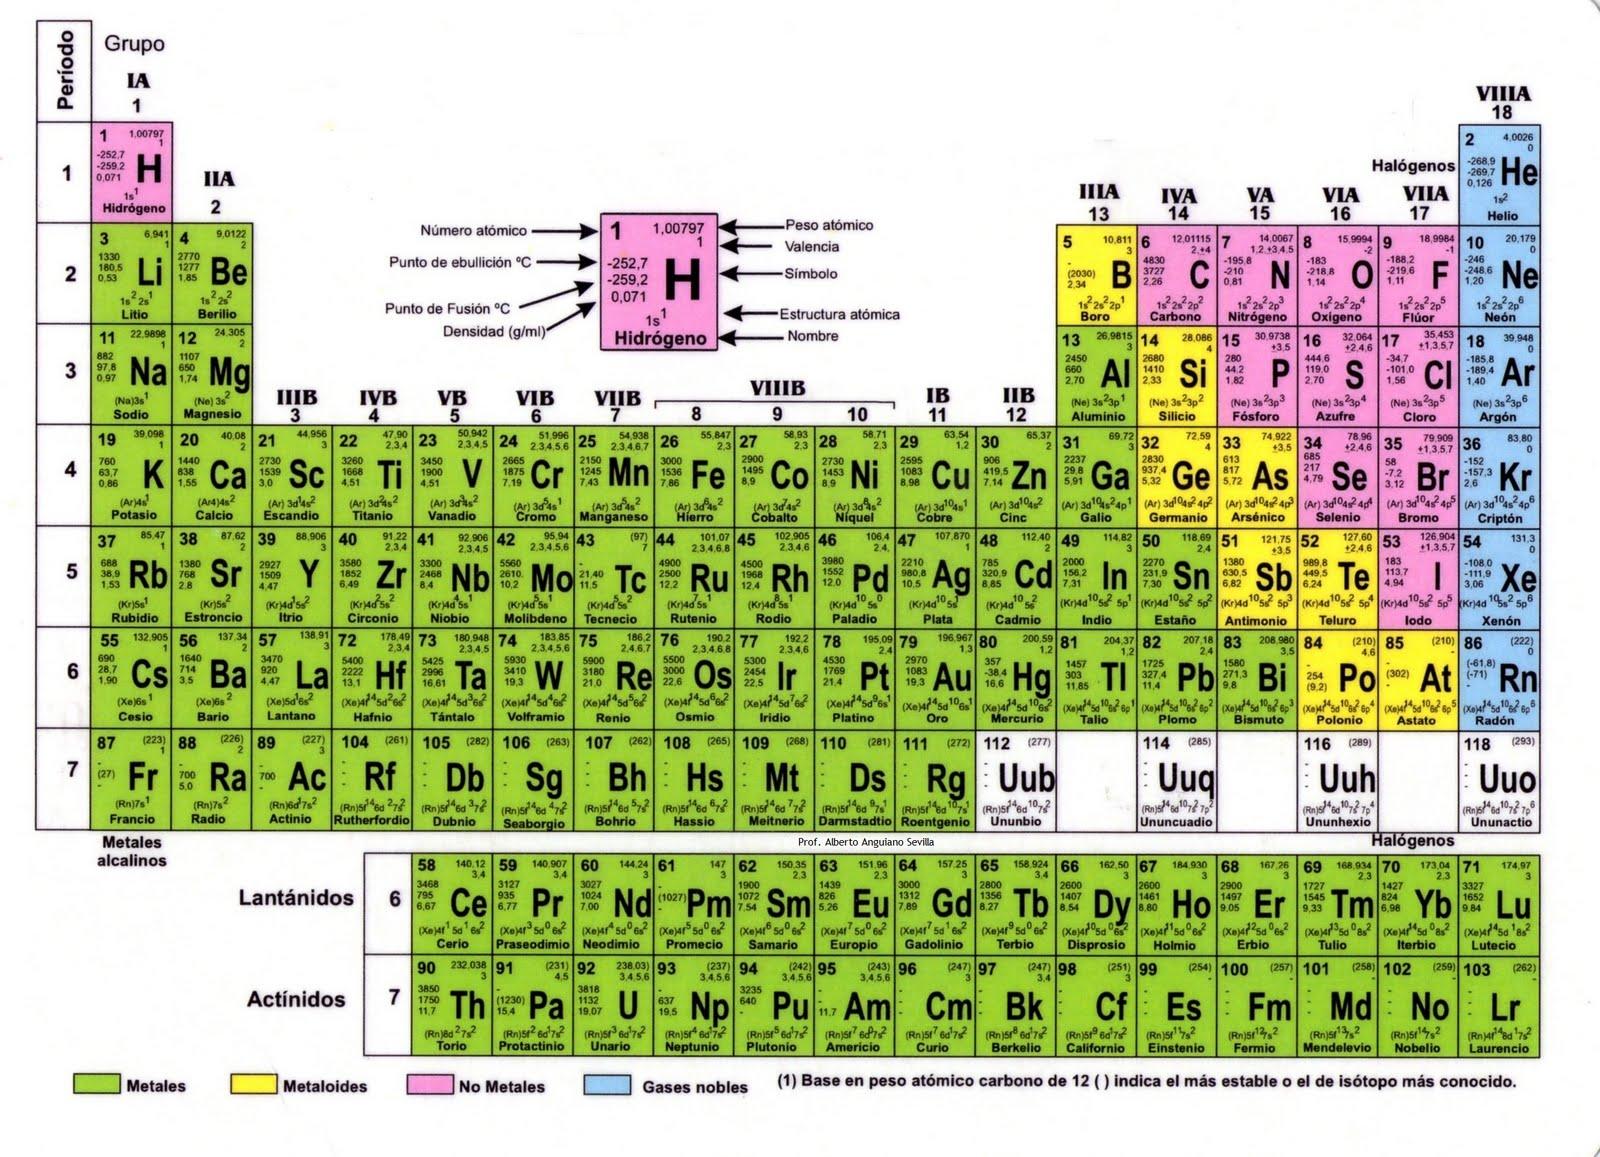 El saco de las ciencias las ciencias estn de aniversario para el fsico bolvar torres la creacin de elementos qumicos en laboratorio es la muestra de que la naturaleza ya no es absoluta para el humano urtaz Image collections